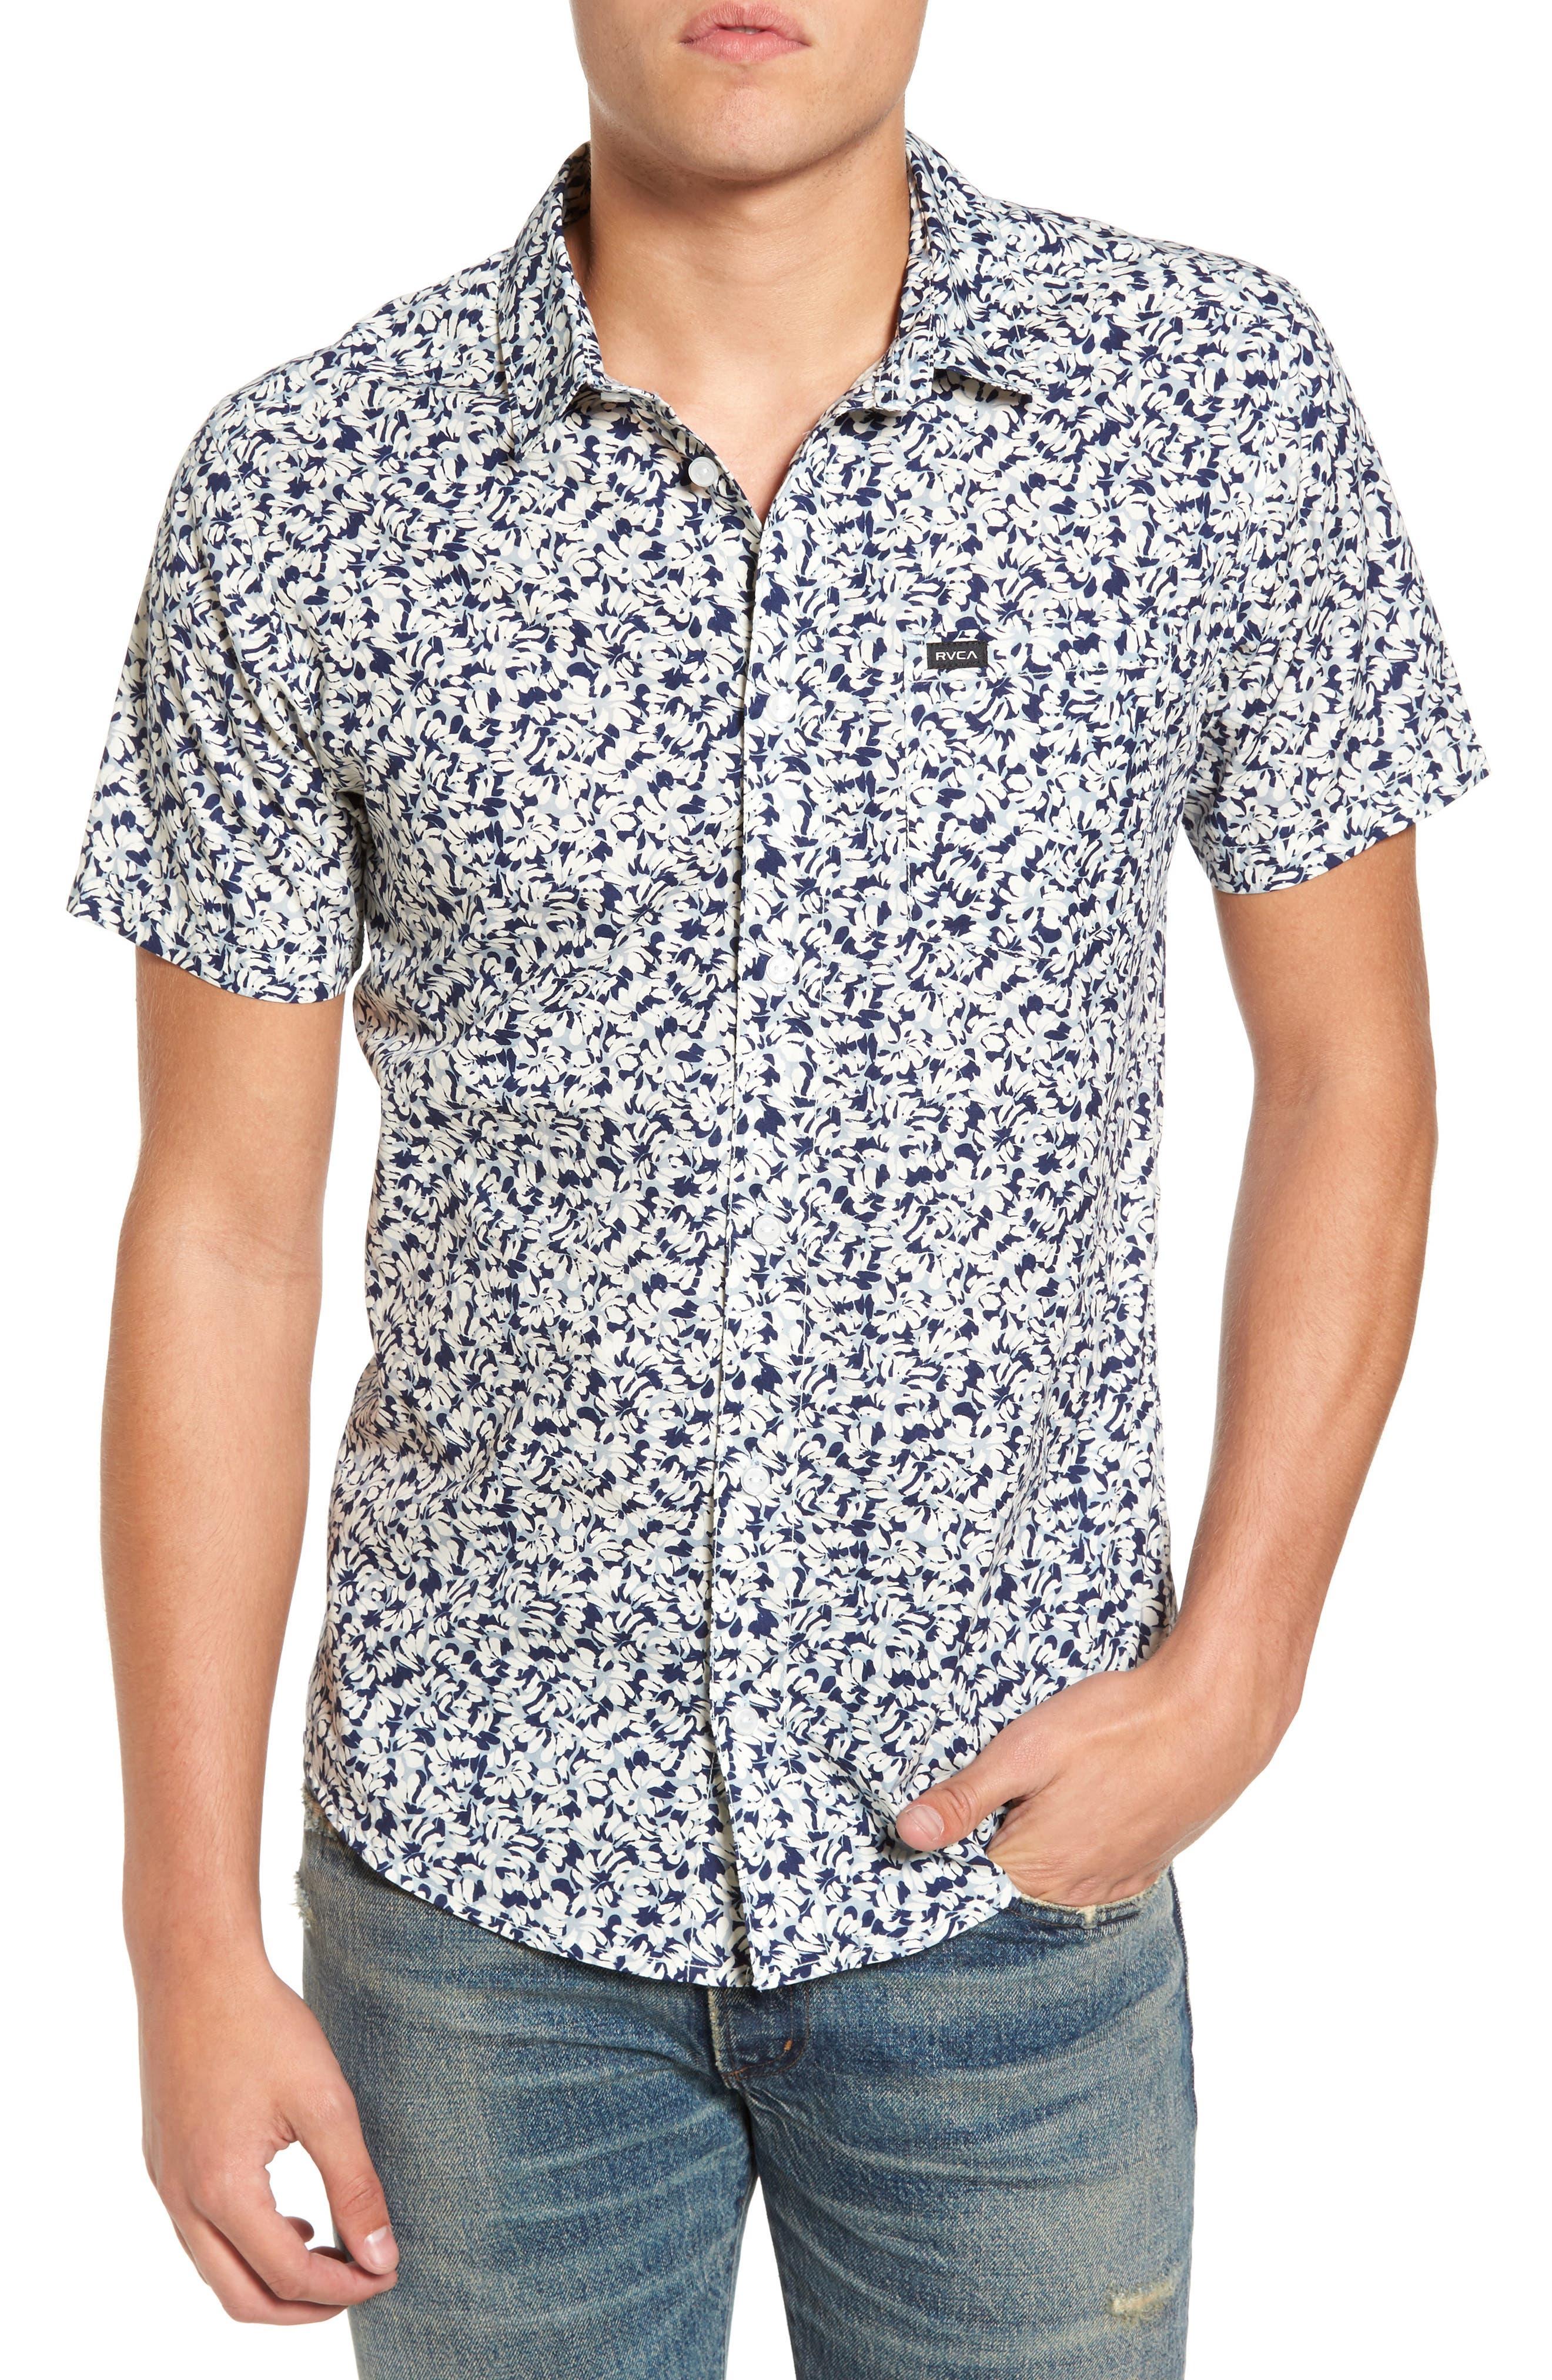 Brong Short Sleeve Shirt,                         Main,                         color, 020